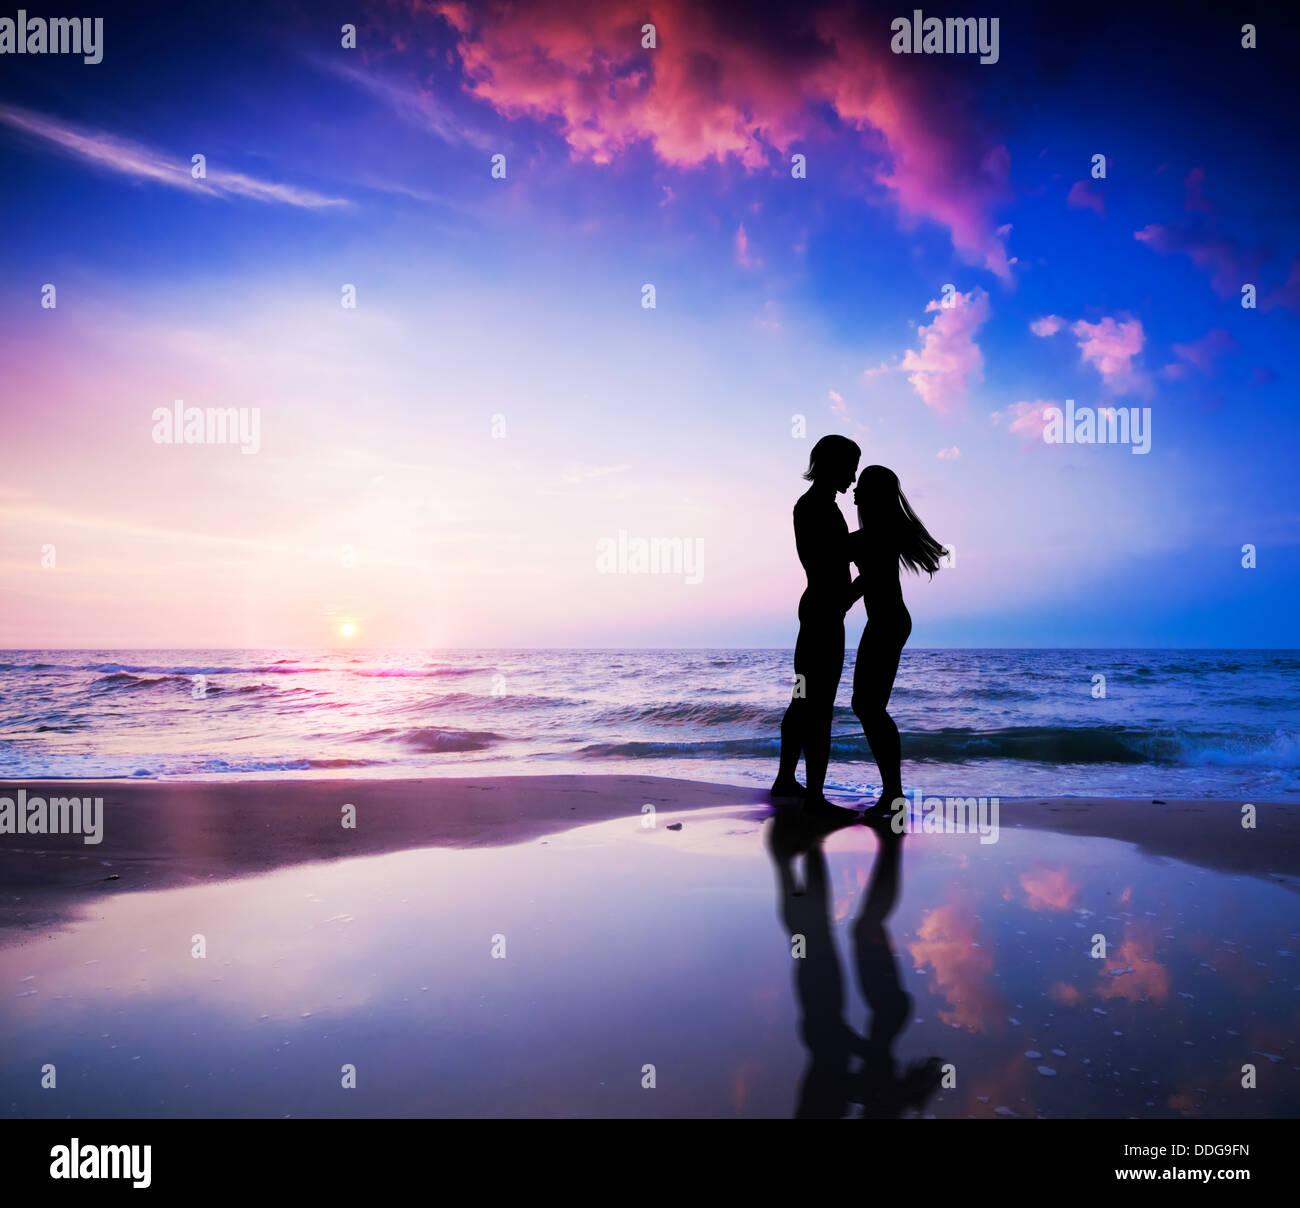 Coppia romantica circa per un bacio sulla spiaggia al tramonto Foto Stock